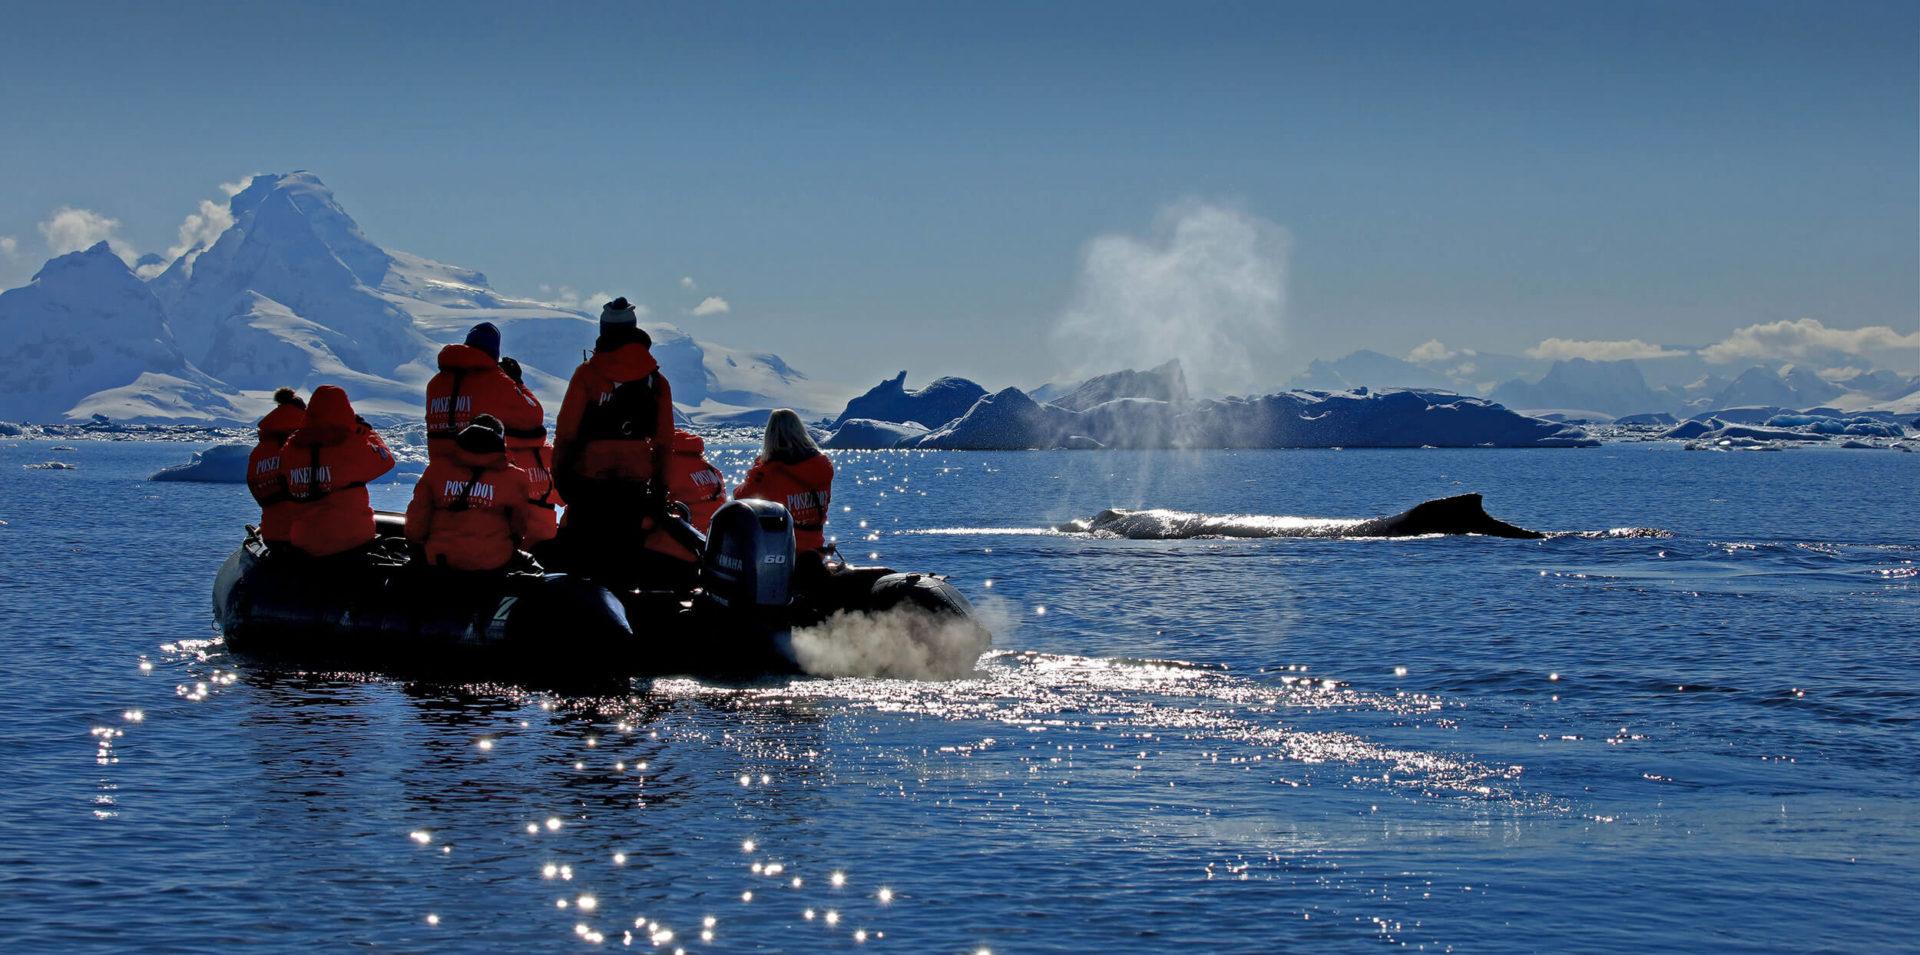 [Antarktis-Wiki] Zodiac-Anlandungen und -Ausflüge in der Antarktis